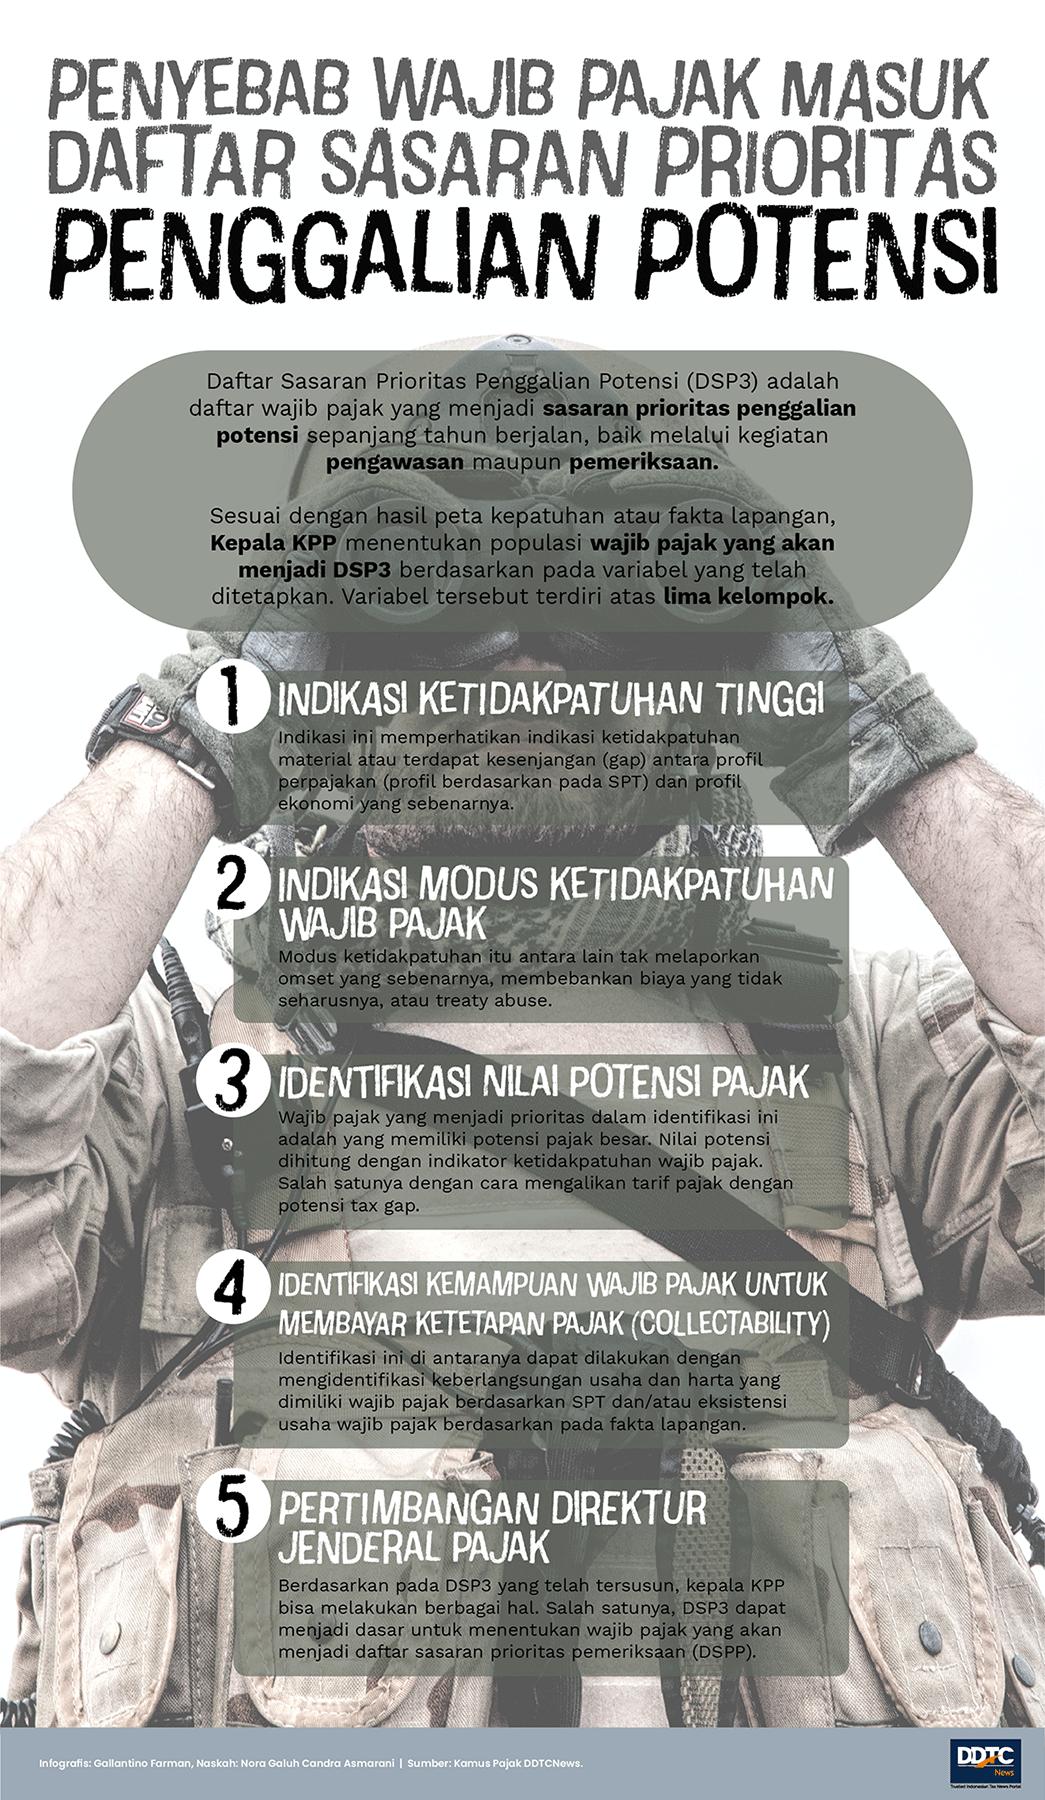 Penyebab Wajib Pajak Masuk Daftar Sasaran Prioritas Penggalian Potensi